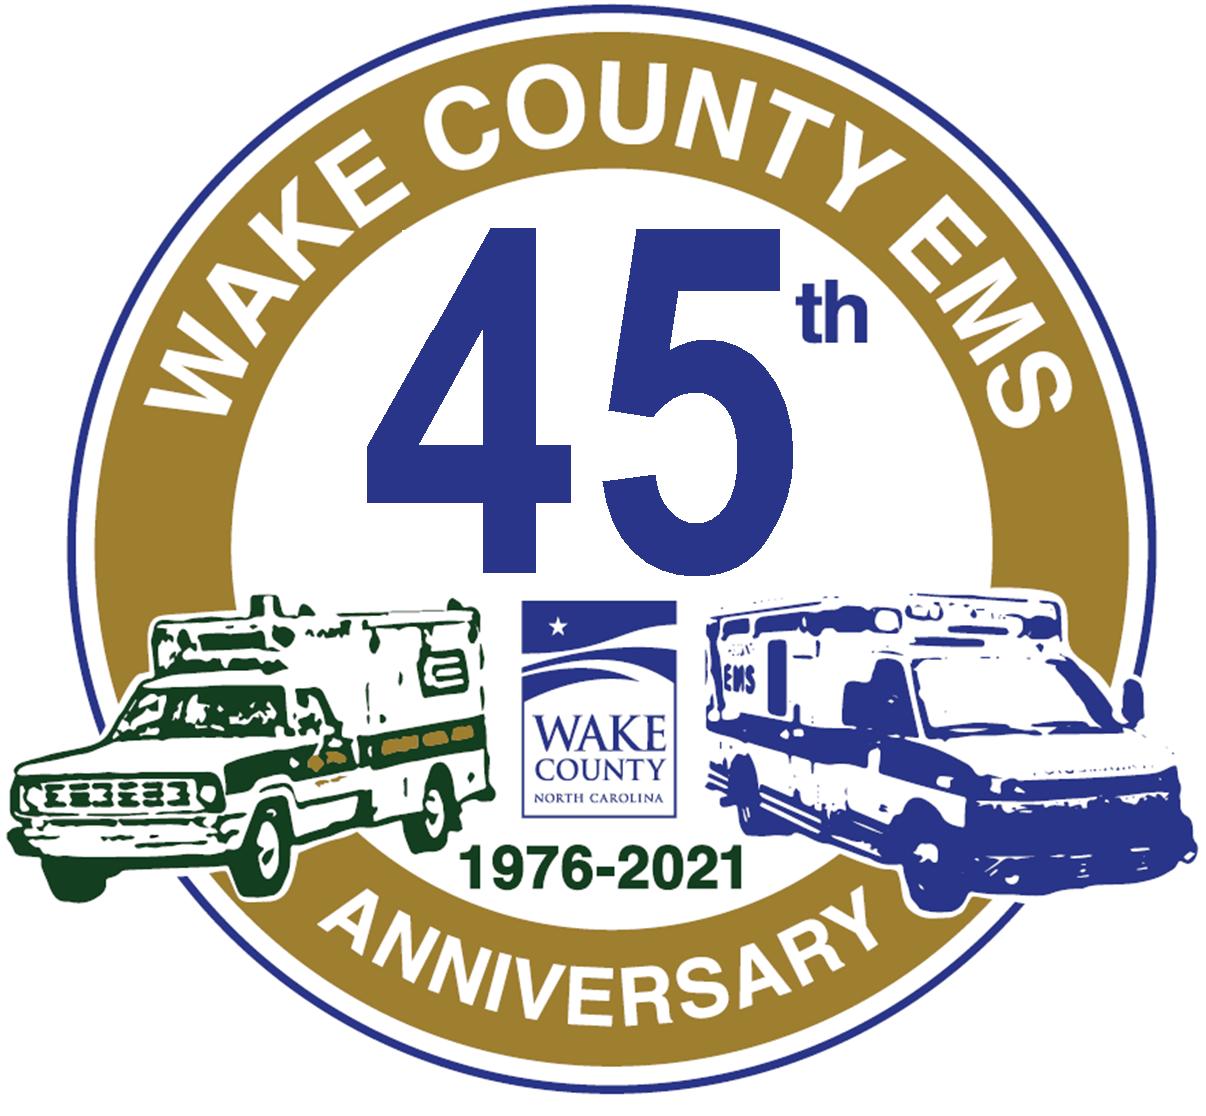 Wake County EMS 45 Anniversary logo featuring a 1976 ambulance and a modern ambulance